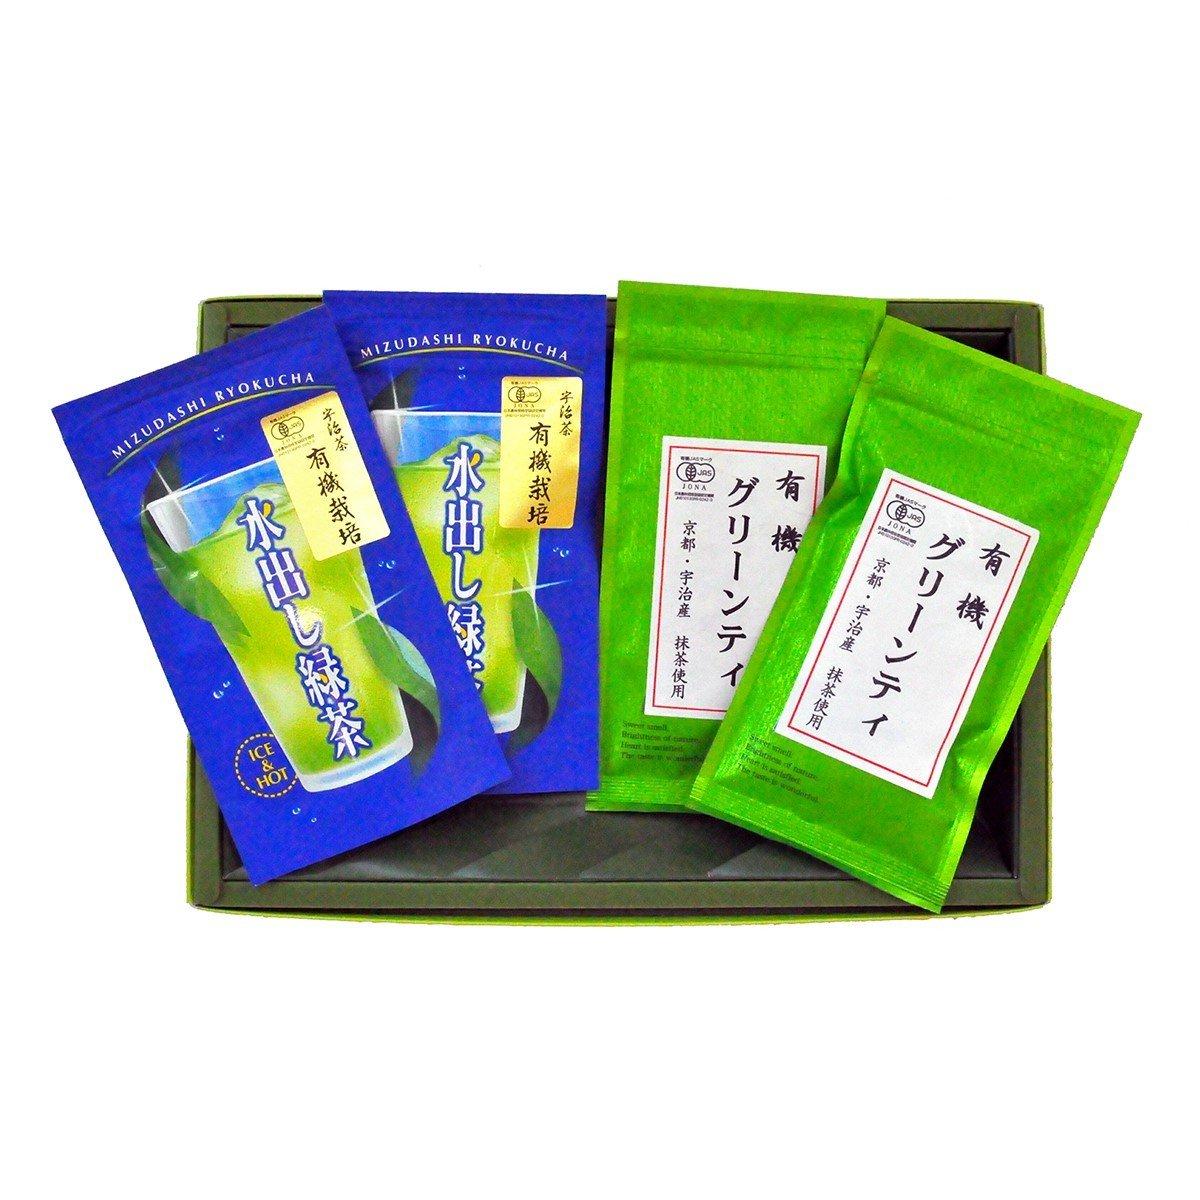 有機綠茶&水出綠茶(FS-30)